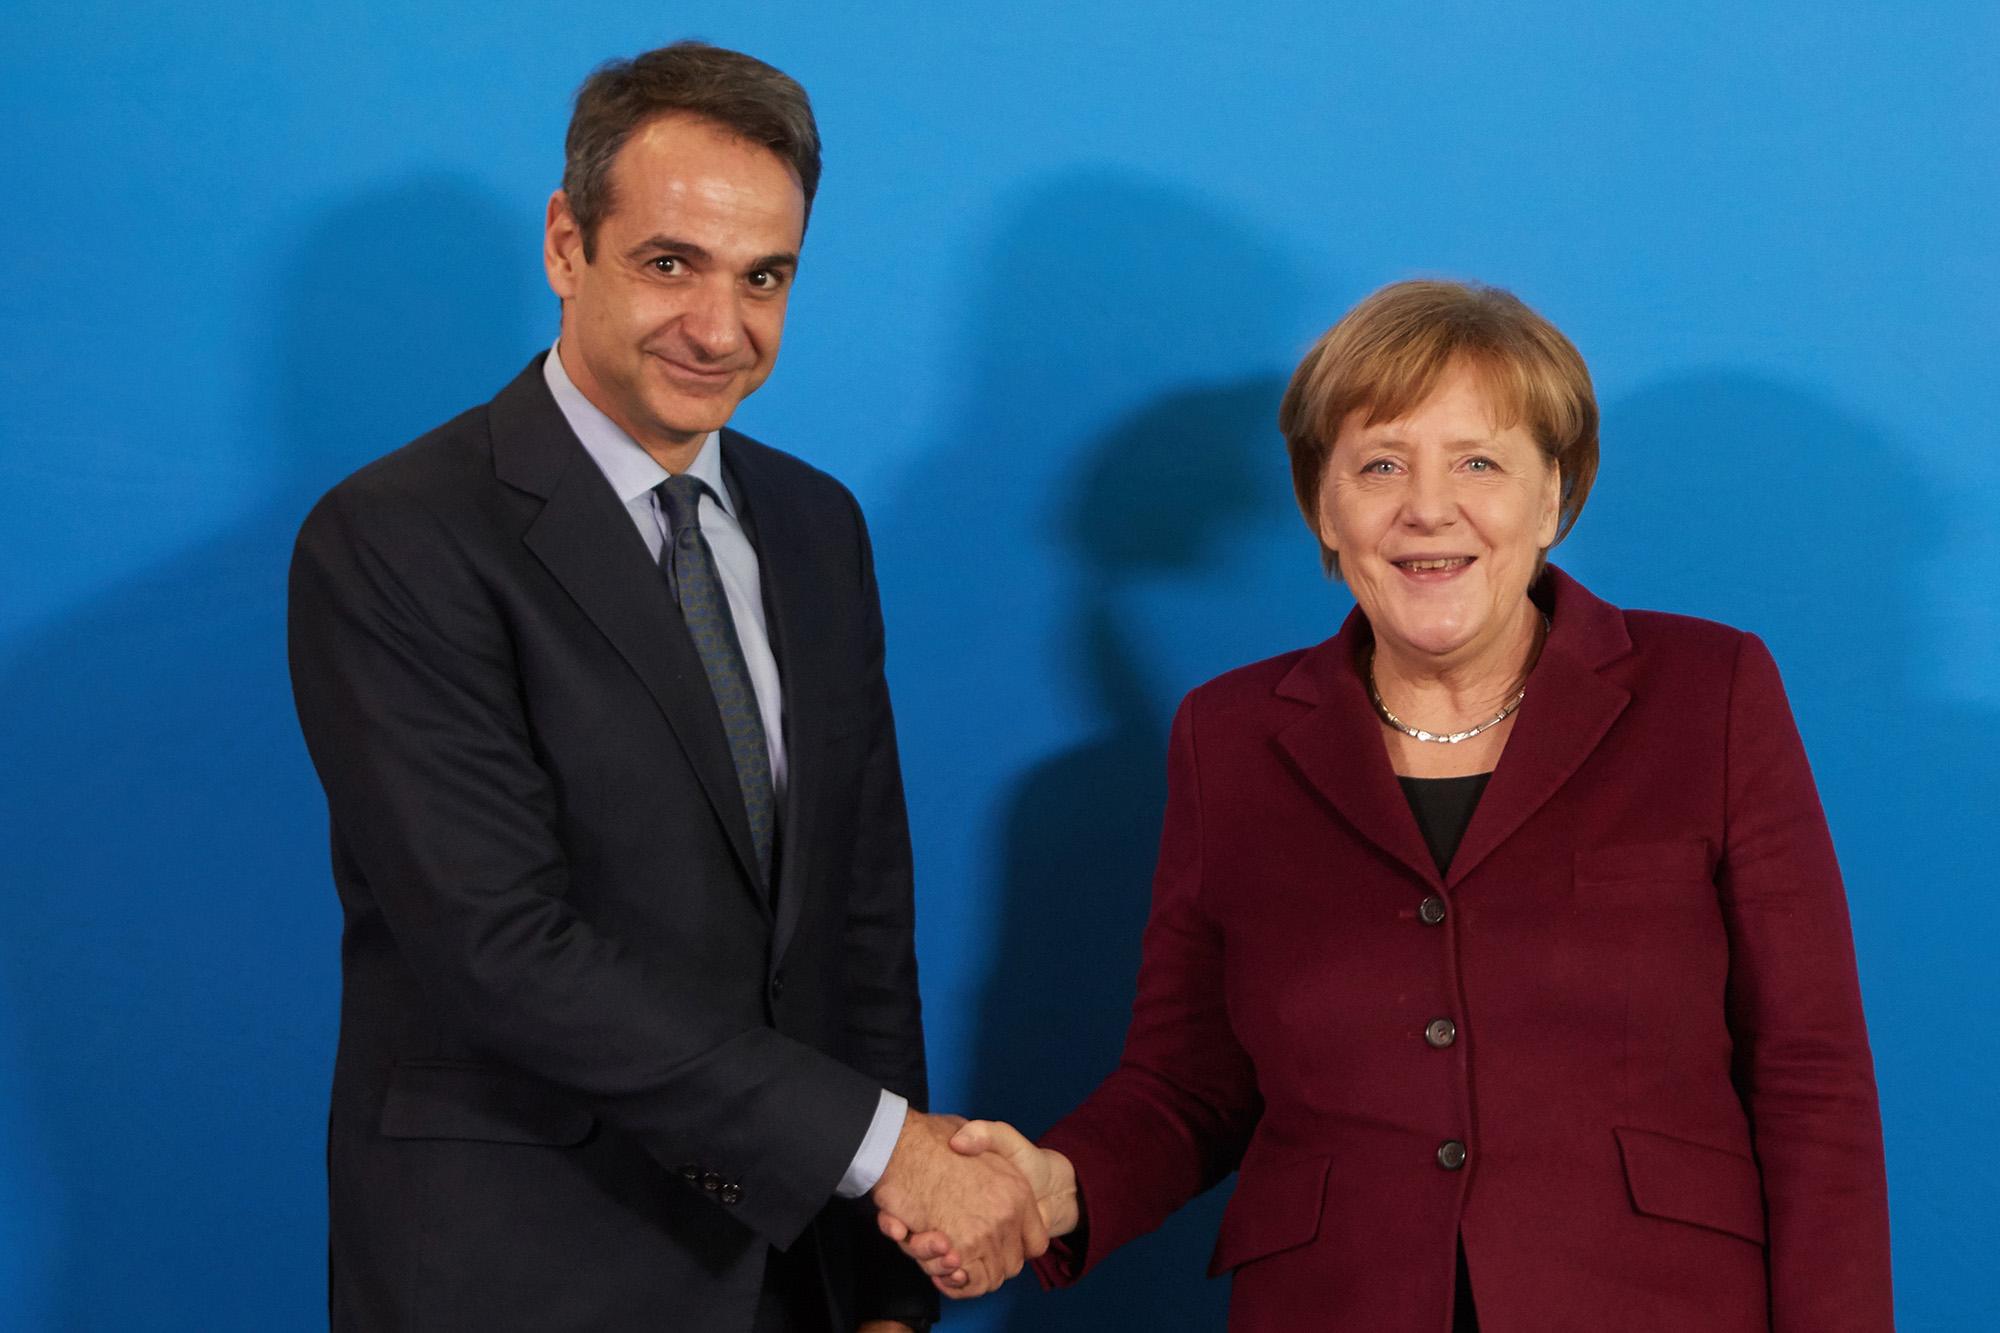 Grčka: Mitsotakis putuje u Nemačku i Austriju